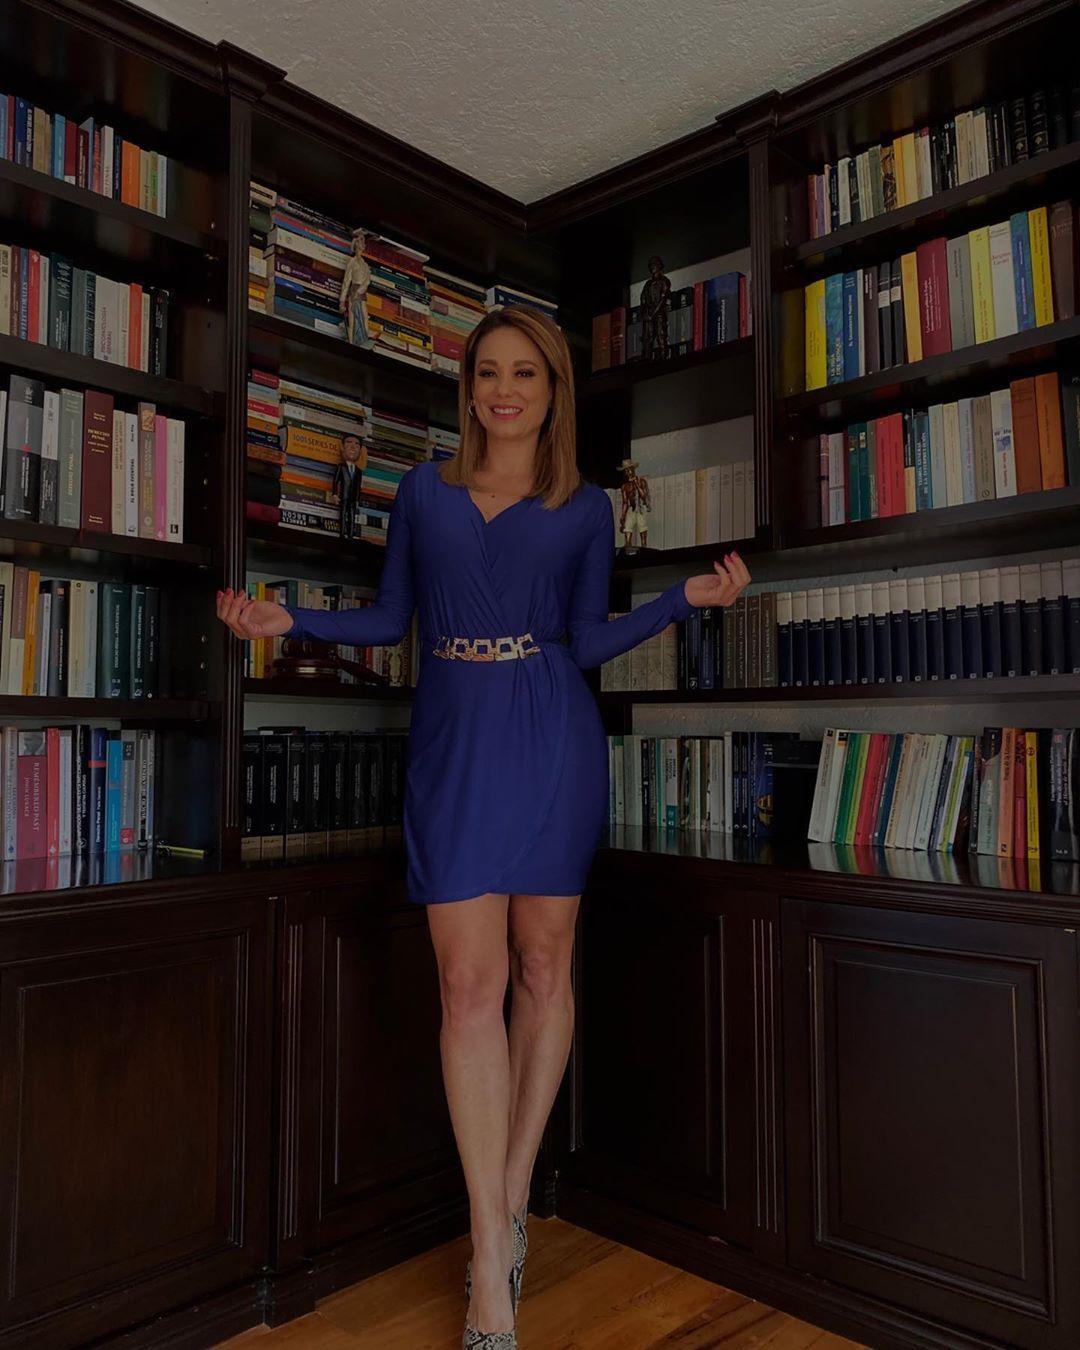 59 Me Gusta 5 Comentarios Judith Gradilla Judithgradilla En Instagram Iniciando La Semana Un Poco De Lectura Para Est In 2020 Dresses Fashion Formal Dresses